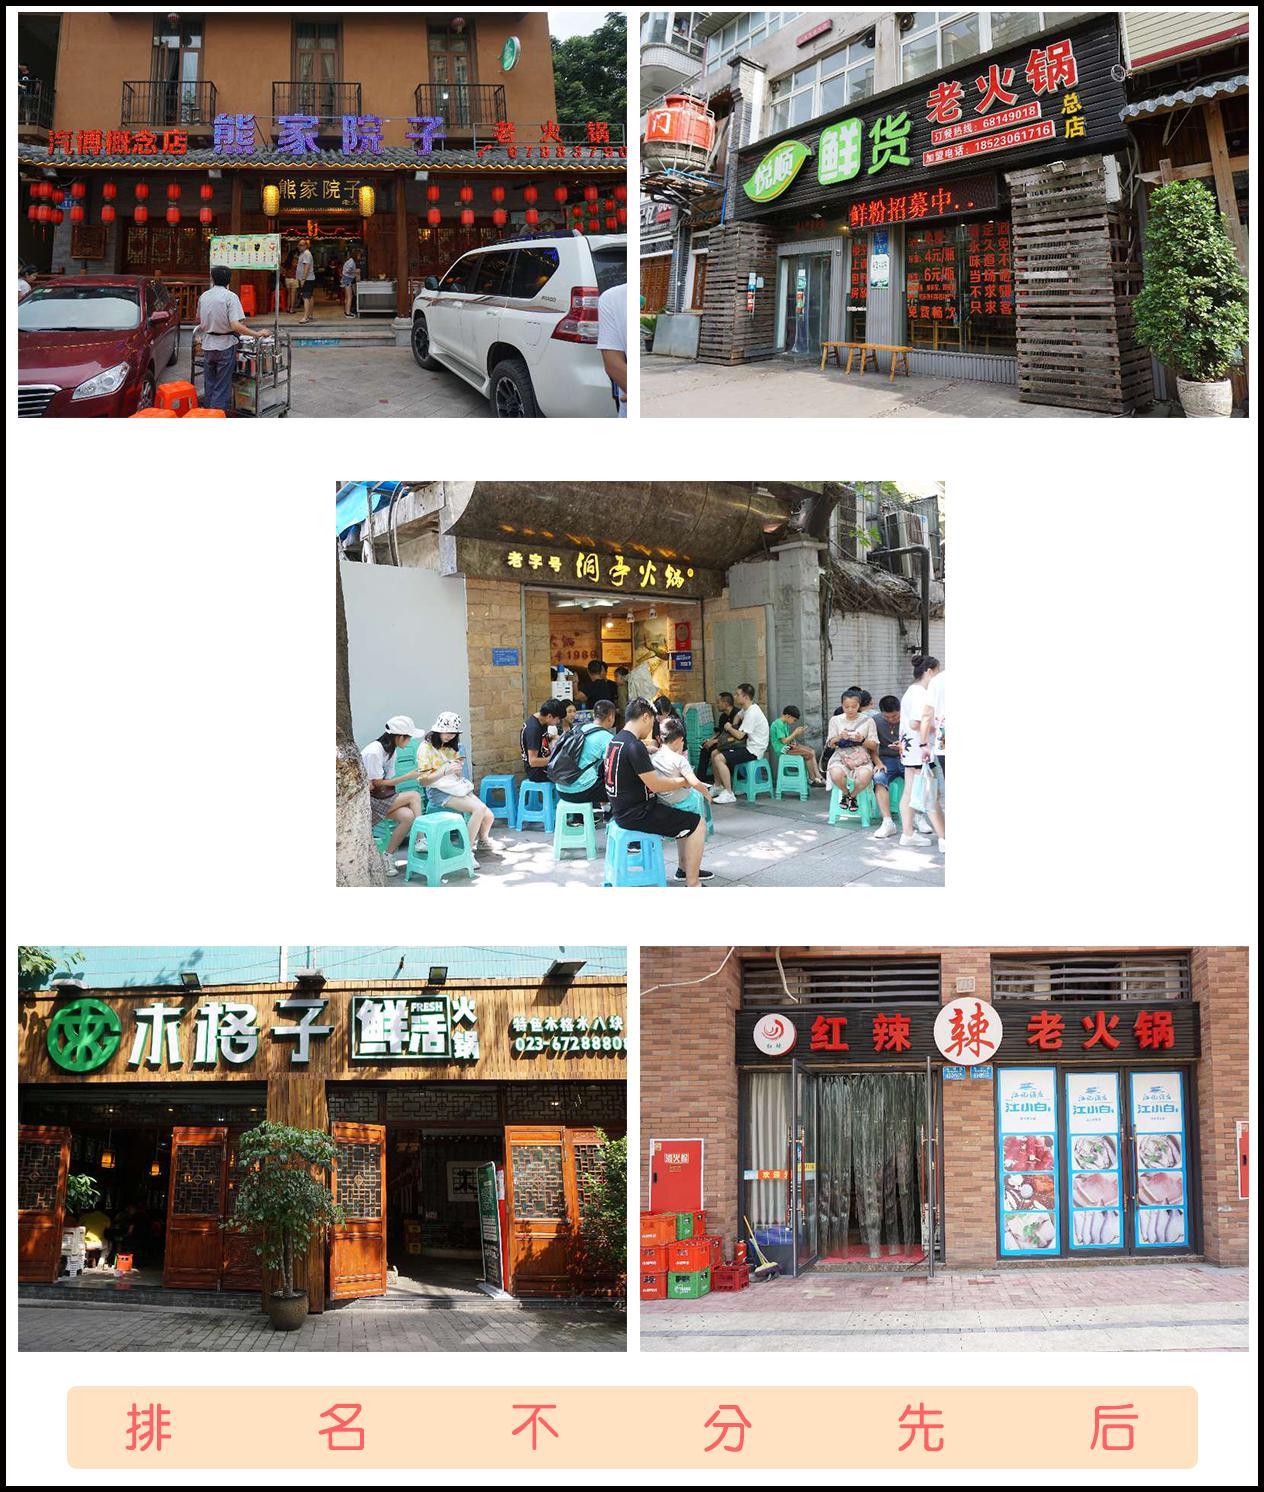 延续于市井的火锅文化—《寻味.重庆》系列